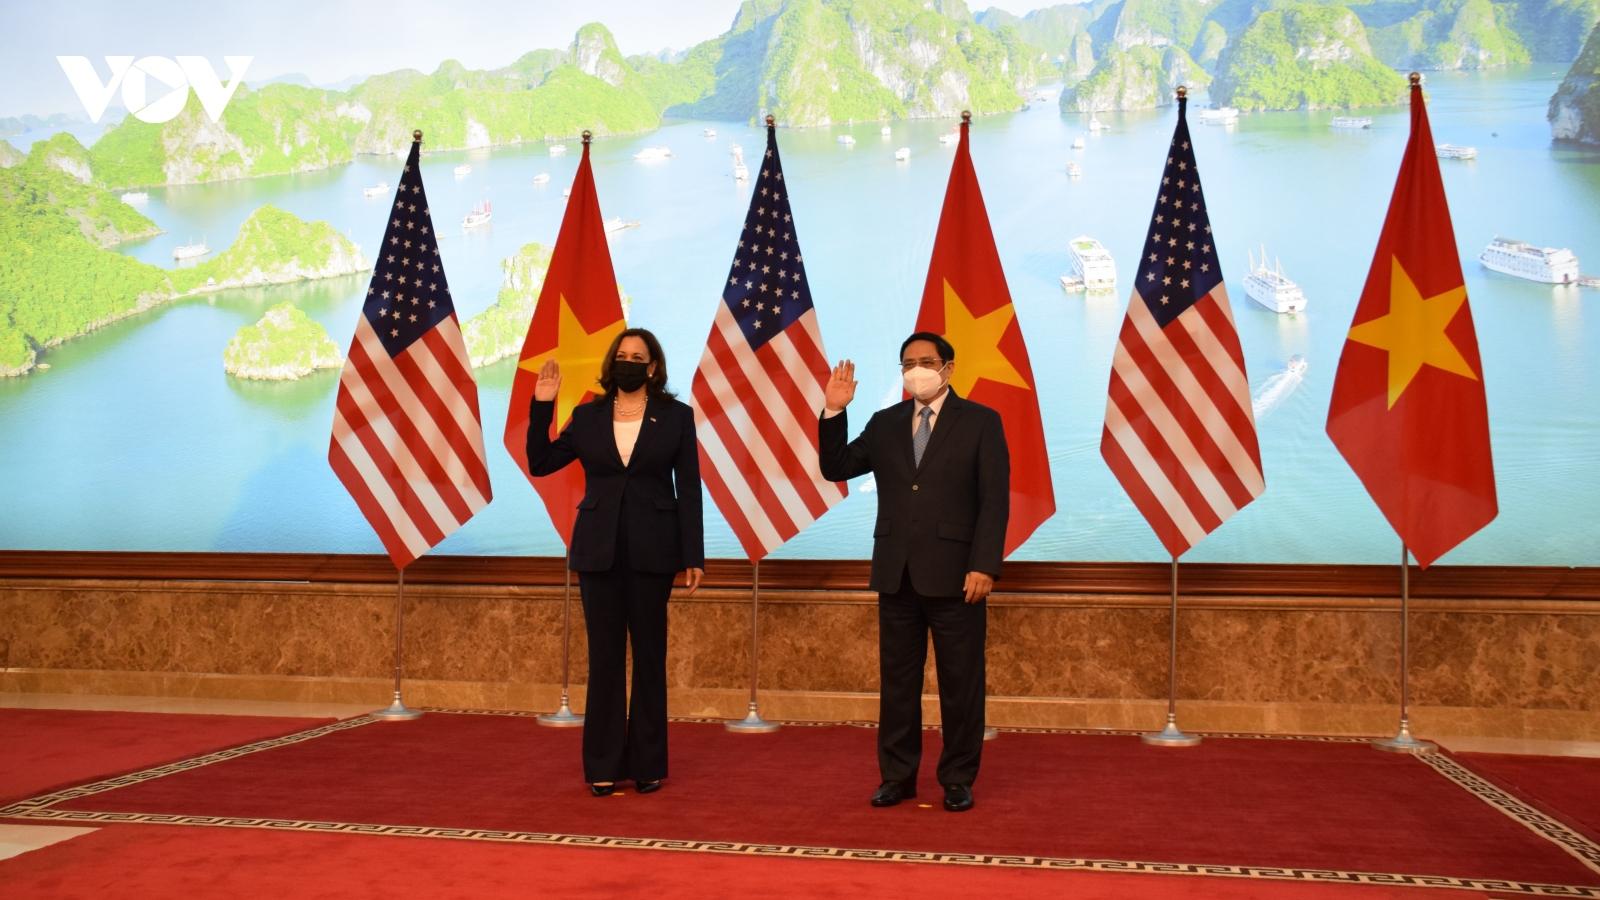 Kinh tế - thương mại là trụ cột và động lực của quan hệ Việt Nam – Hoa Kỳ